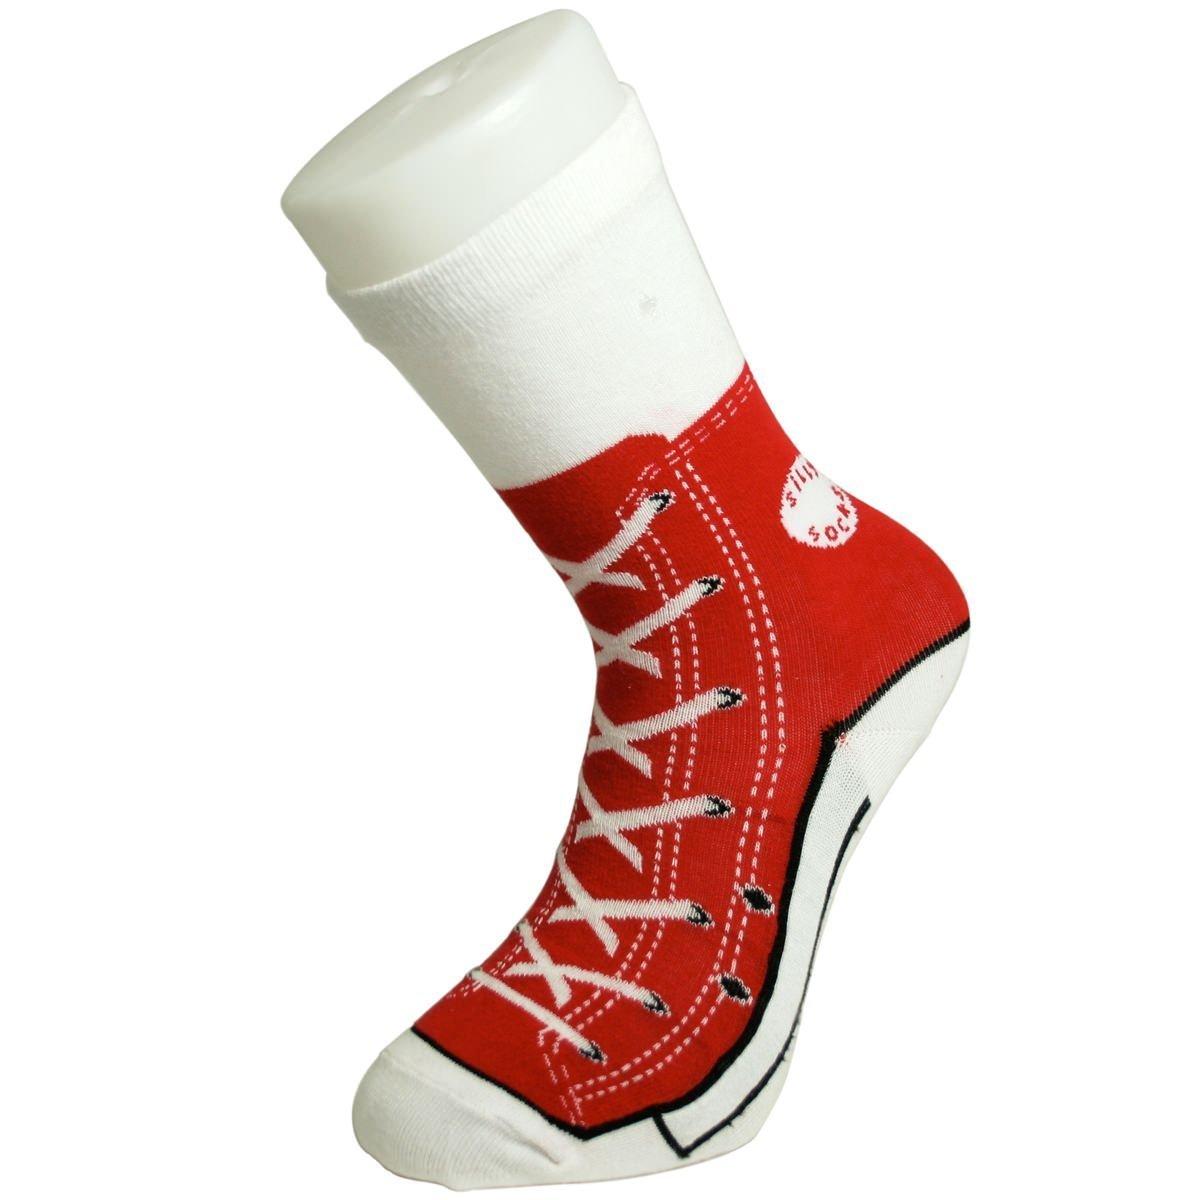 Ponožky v podobě basebalových bot -  různé barevné varianty